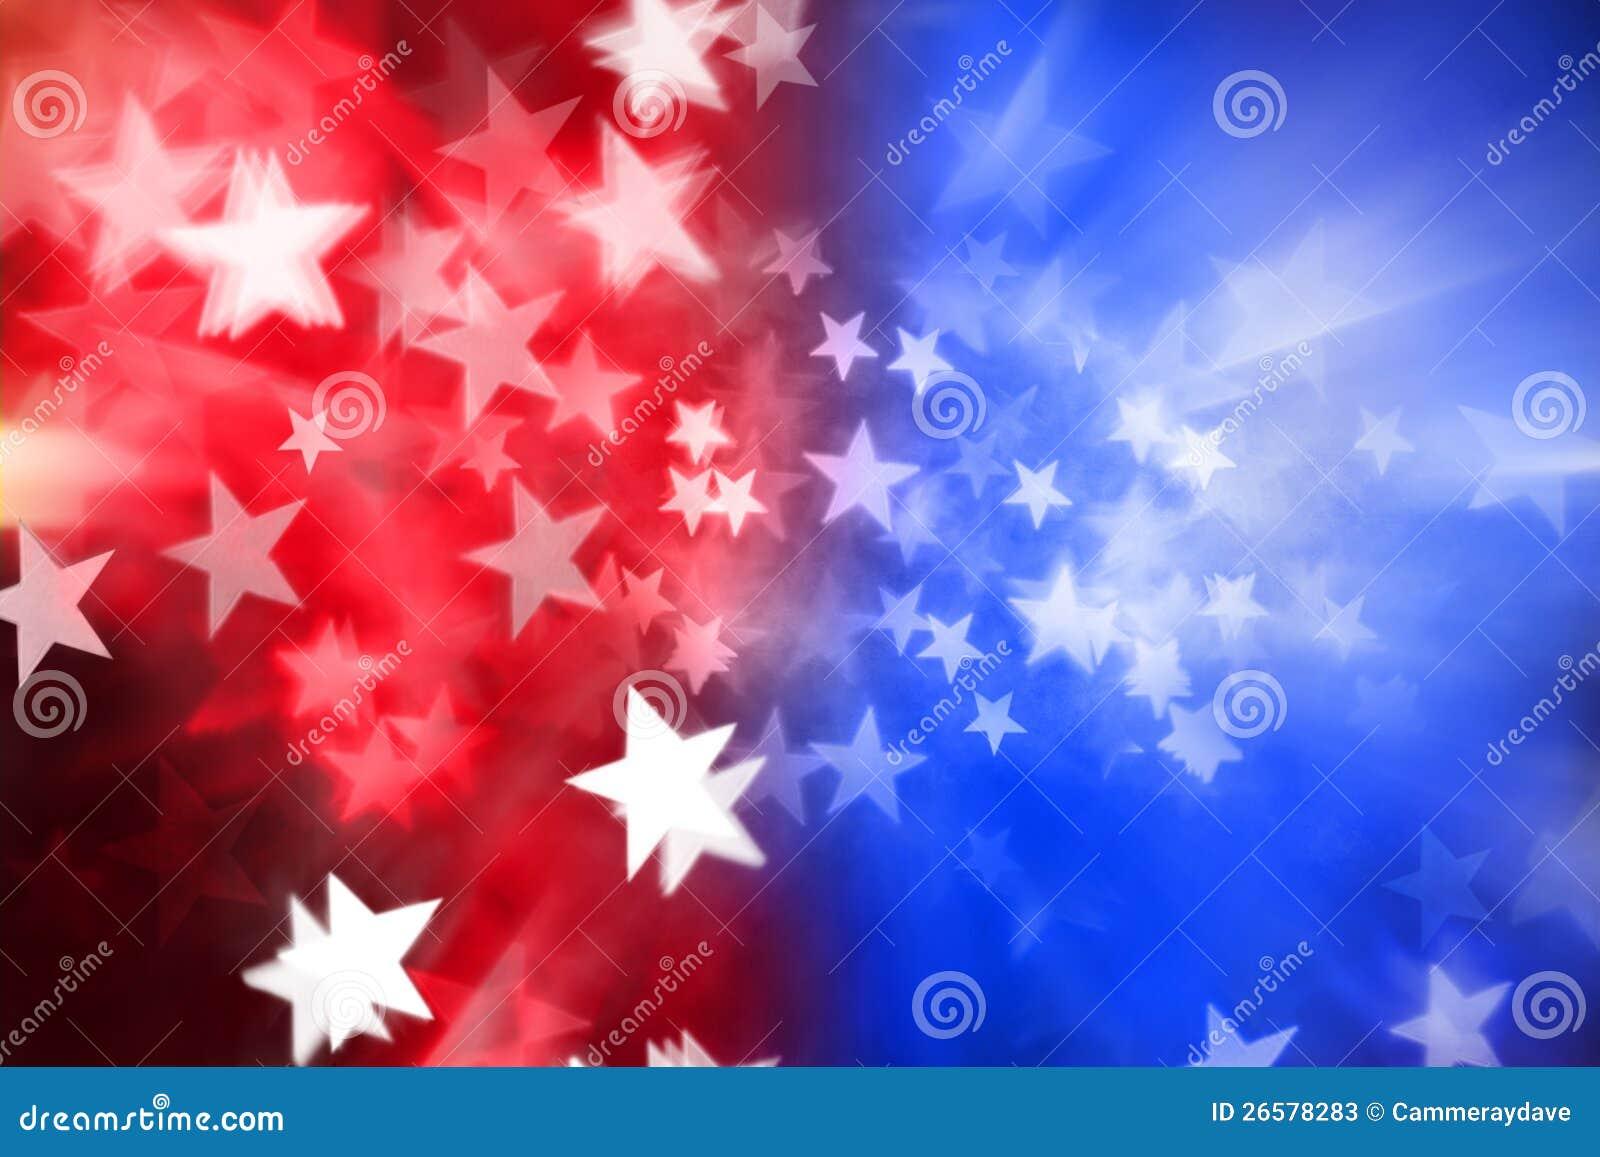 Roter weißer blaue Stern-abstrakter Hintergrund